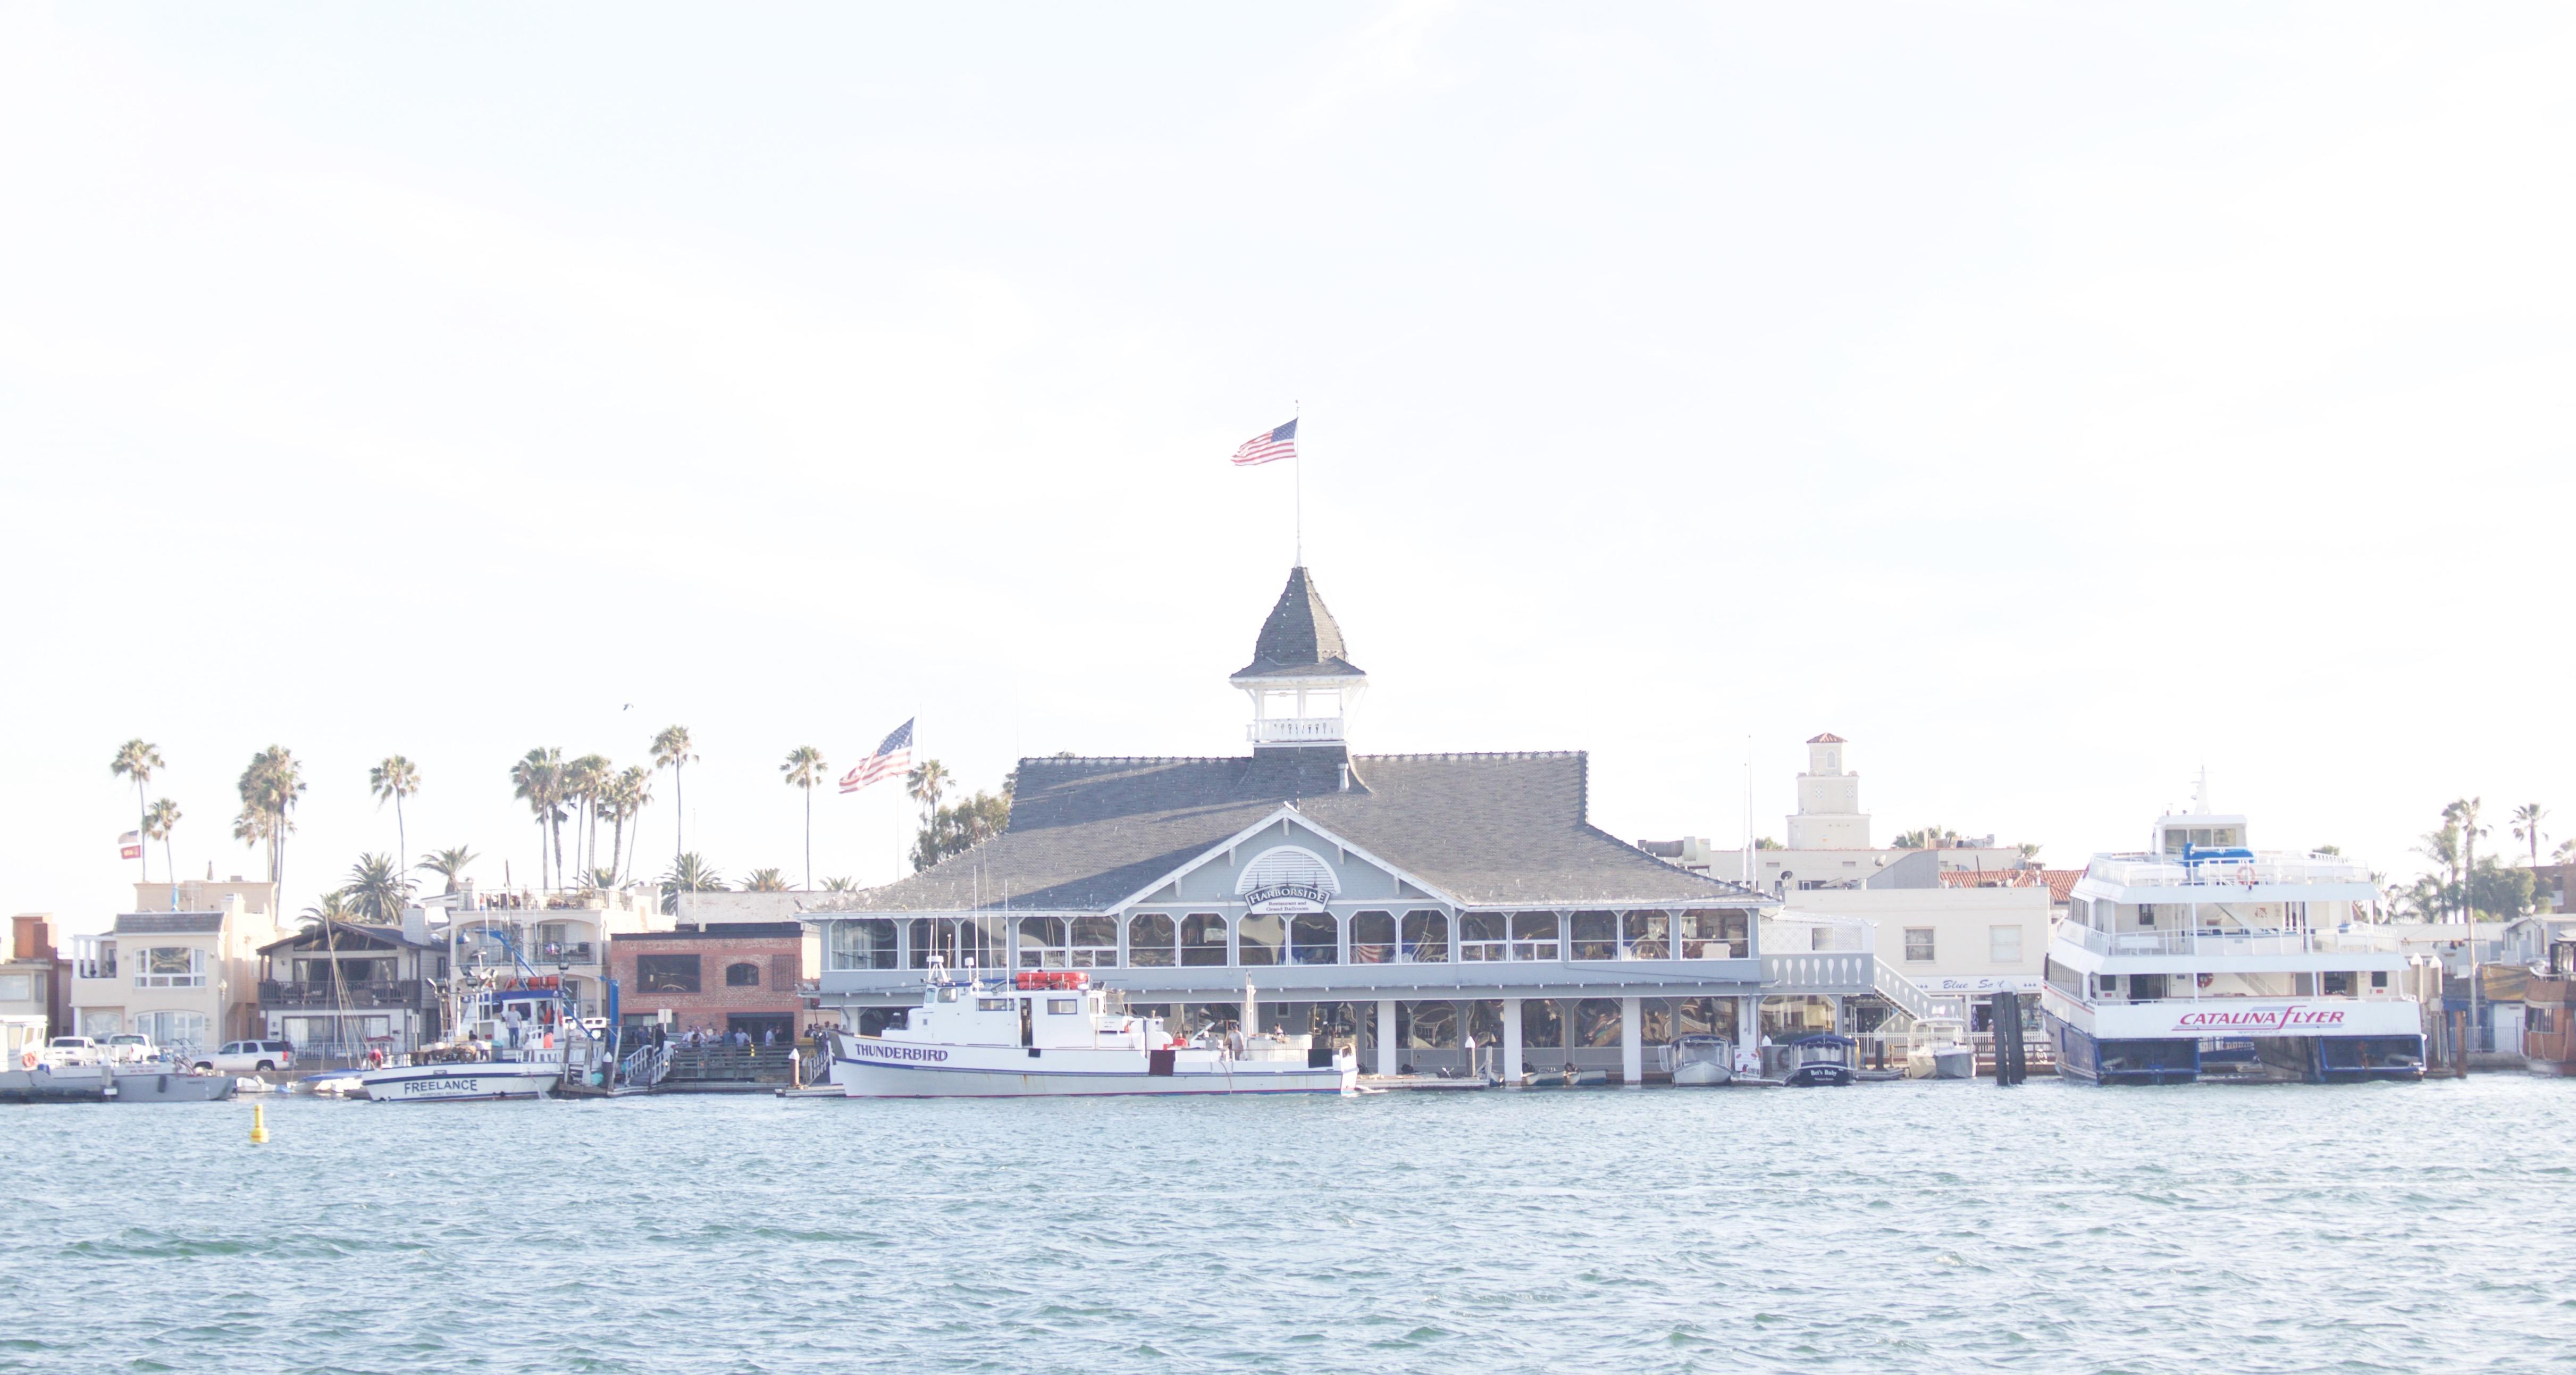 Balboa Island - My Styled Life